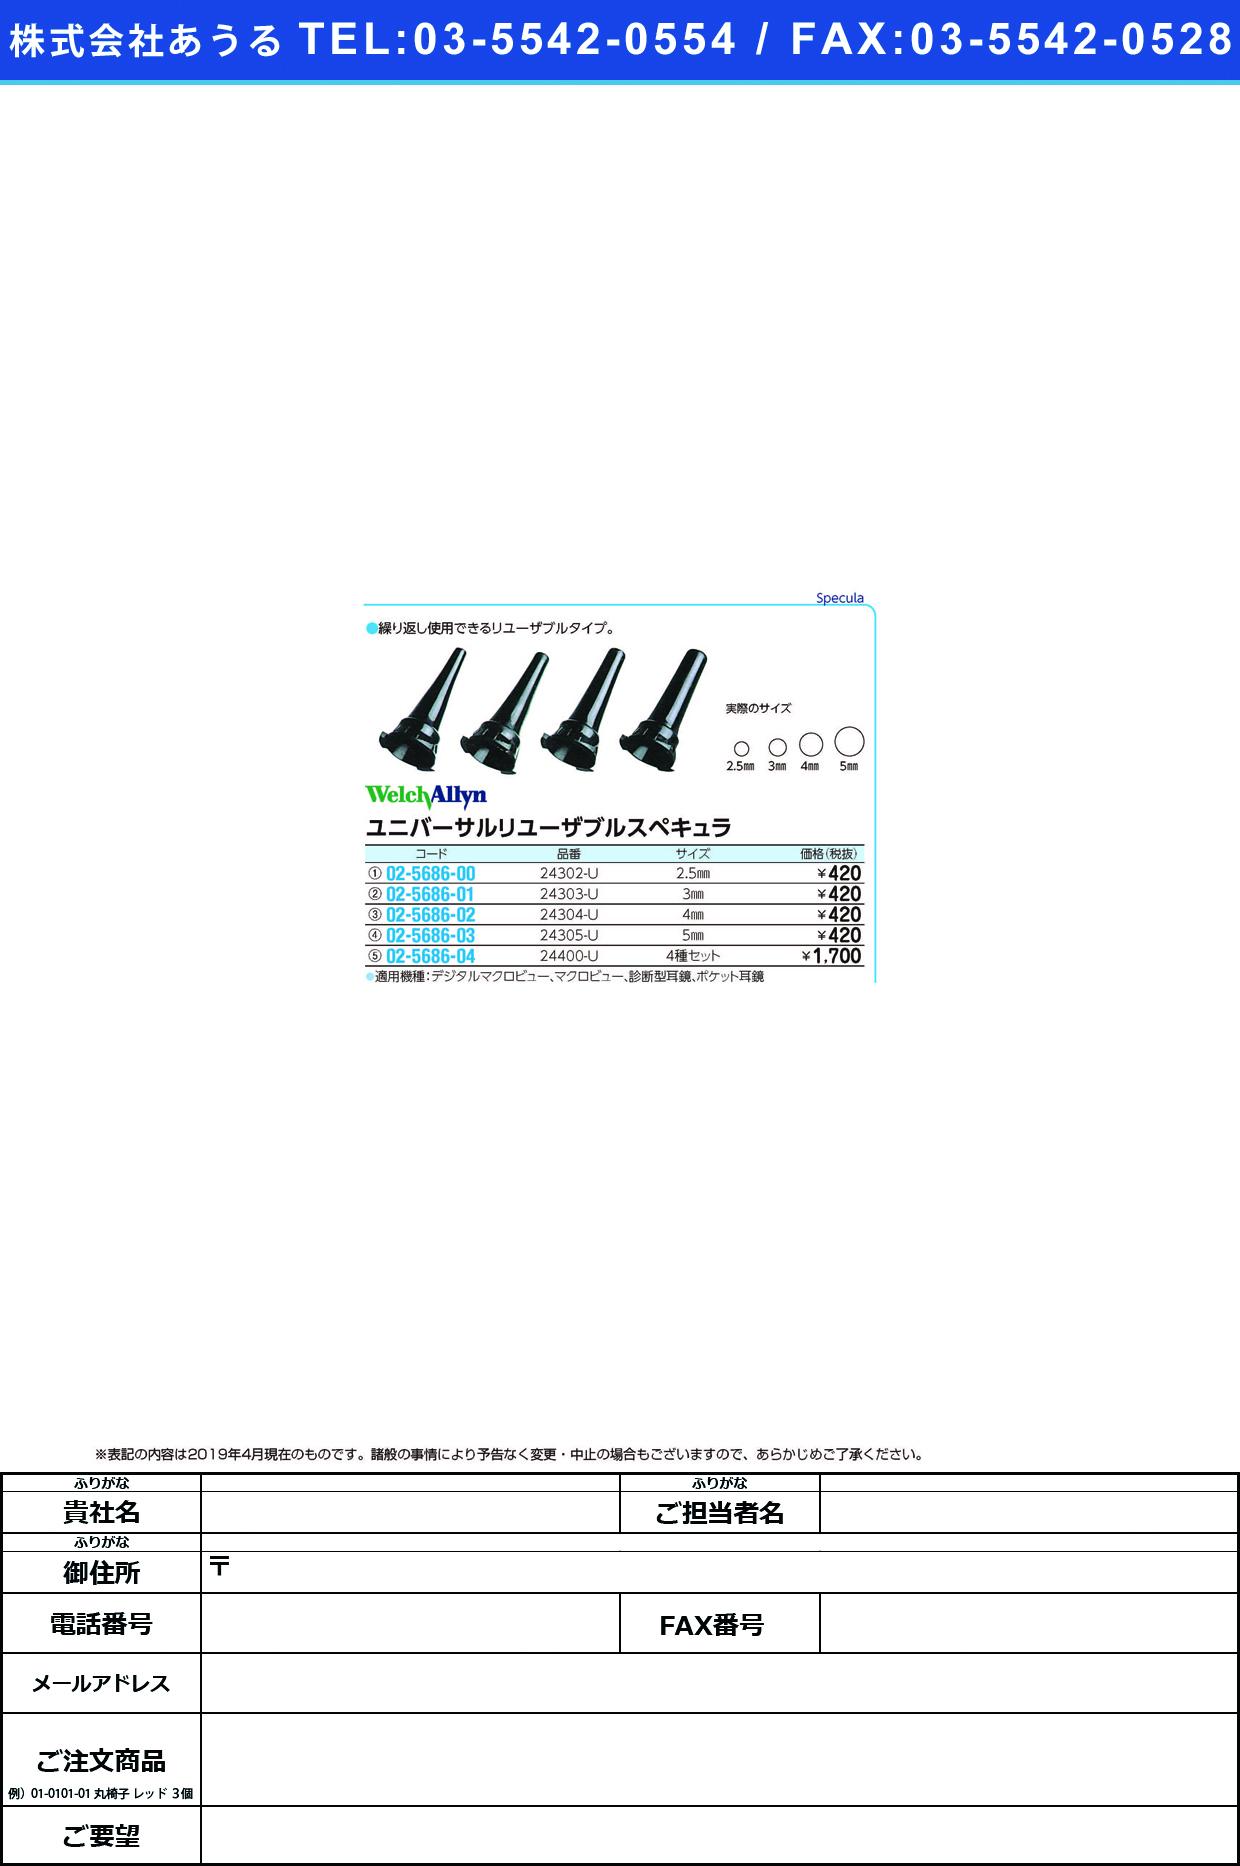 (02-5686-00)ユニバーサルリユーザブルスペキュラ 24302-U(2.5MM) ユニバーサルリユーザブルスペキュ【1個単位】【2019年カタログ商品】